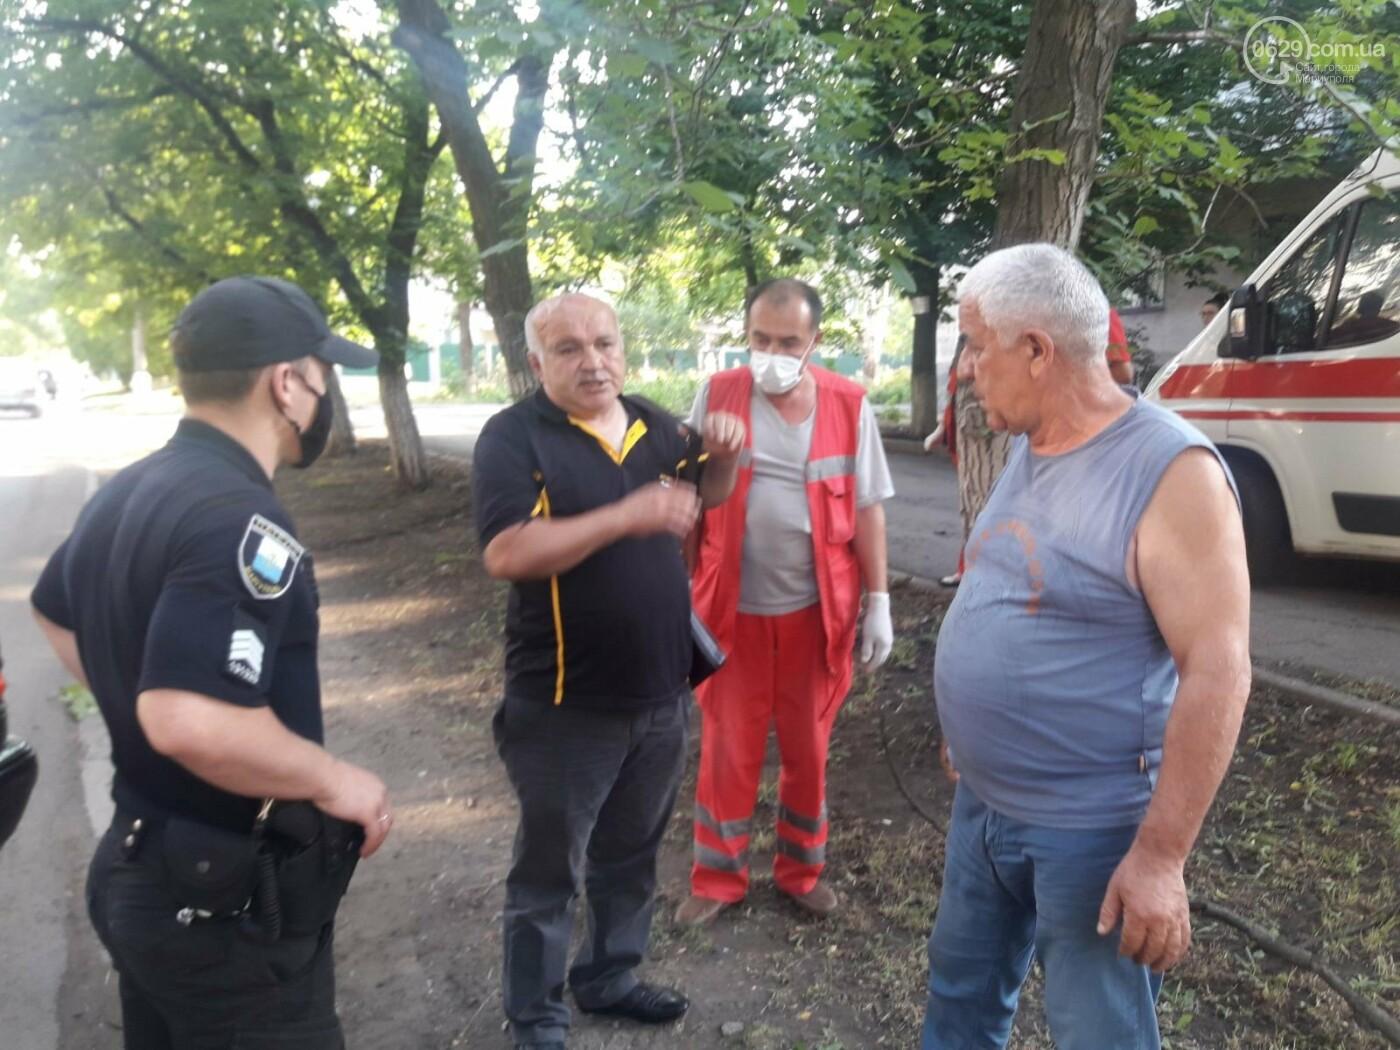 В Мариуполе Мерседес влетел в дерево. Пострадал водитель, - ФОТО, ВИДЕО, фото-4